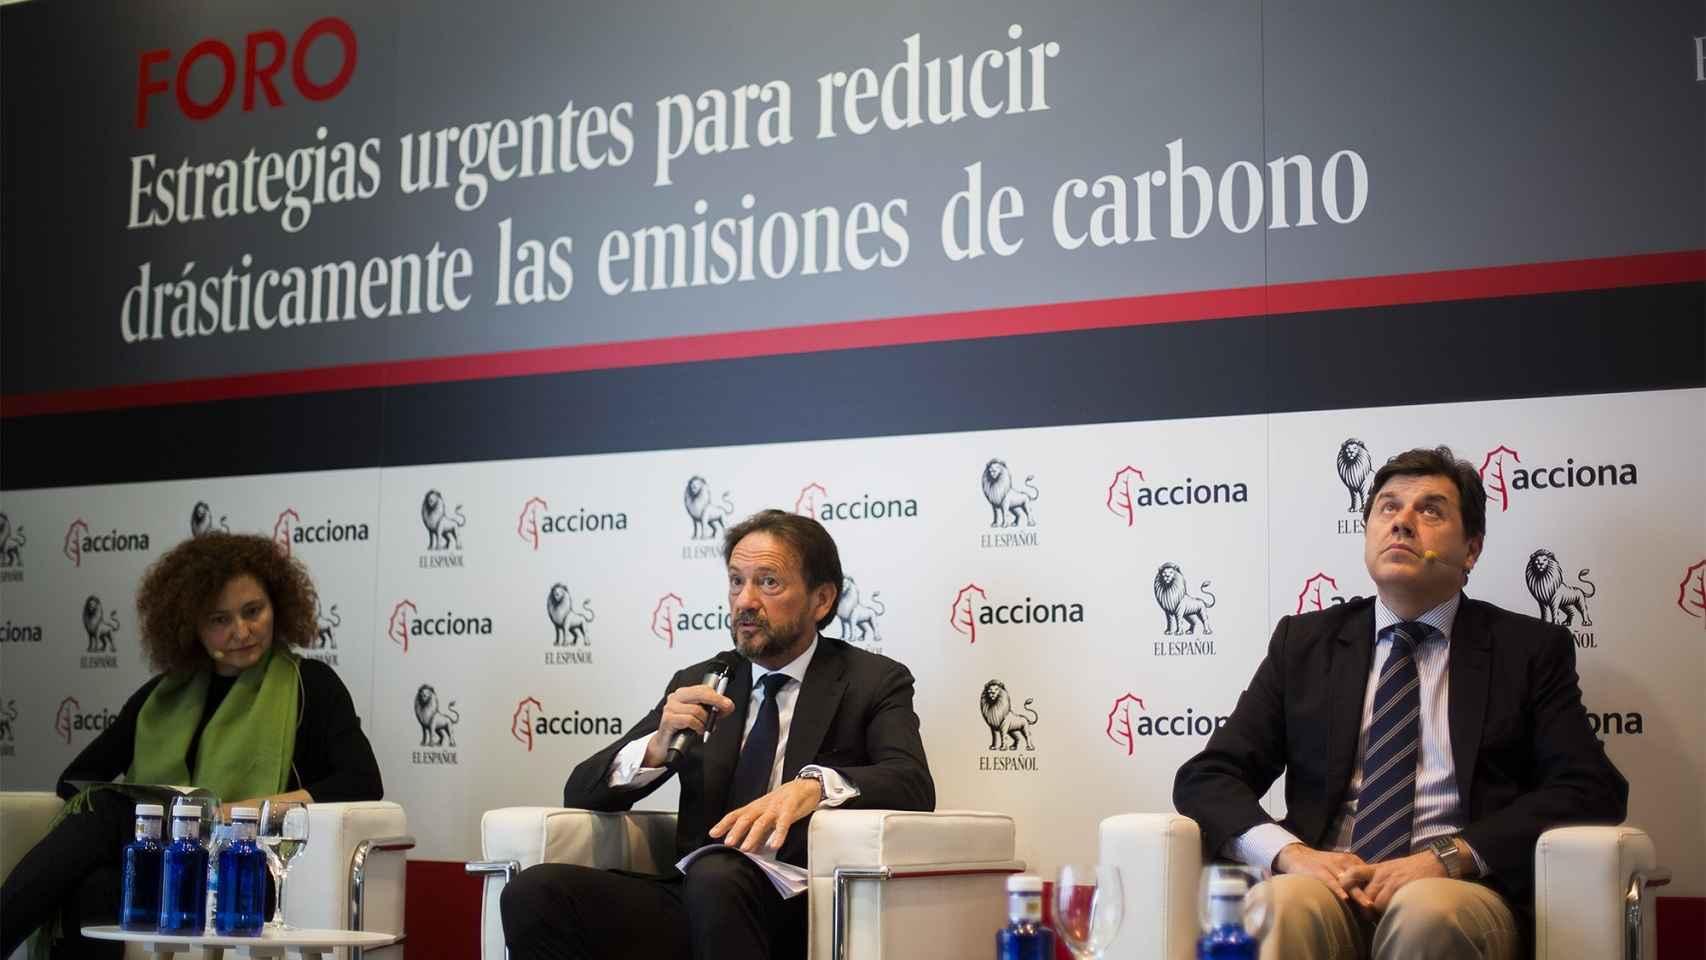 Laura Martín Murillo, Juan Ramón Silva y Miguel Ángel Ruiz López.